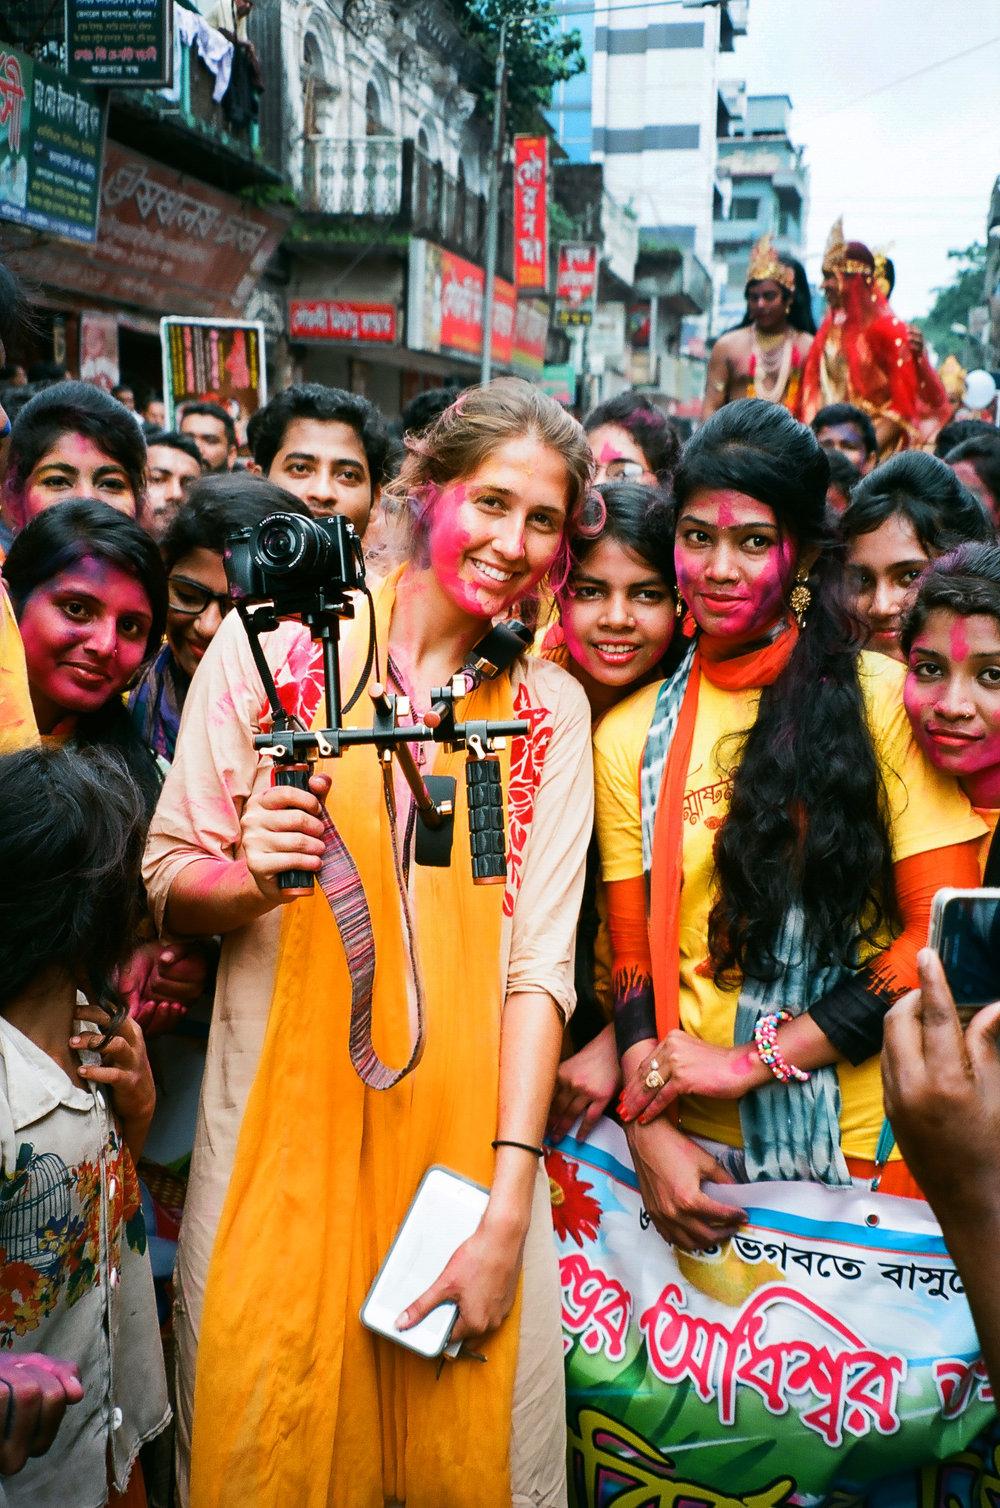 Me in Bangladesh